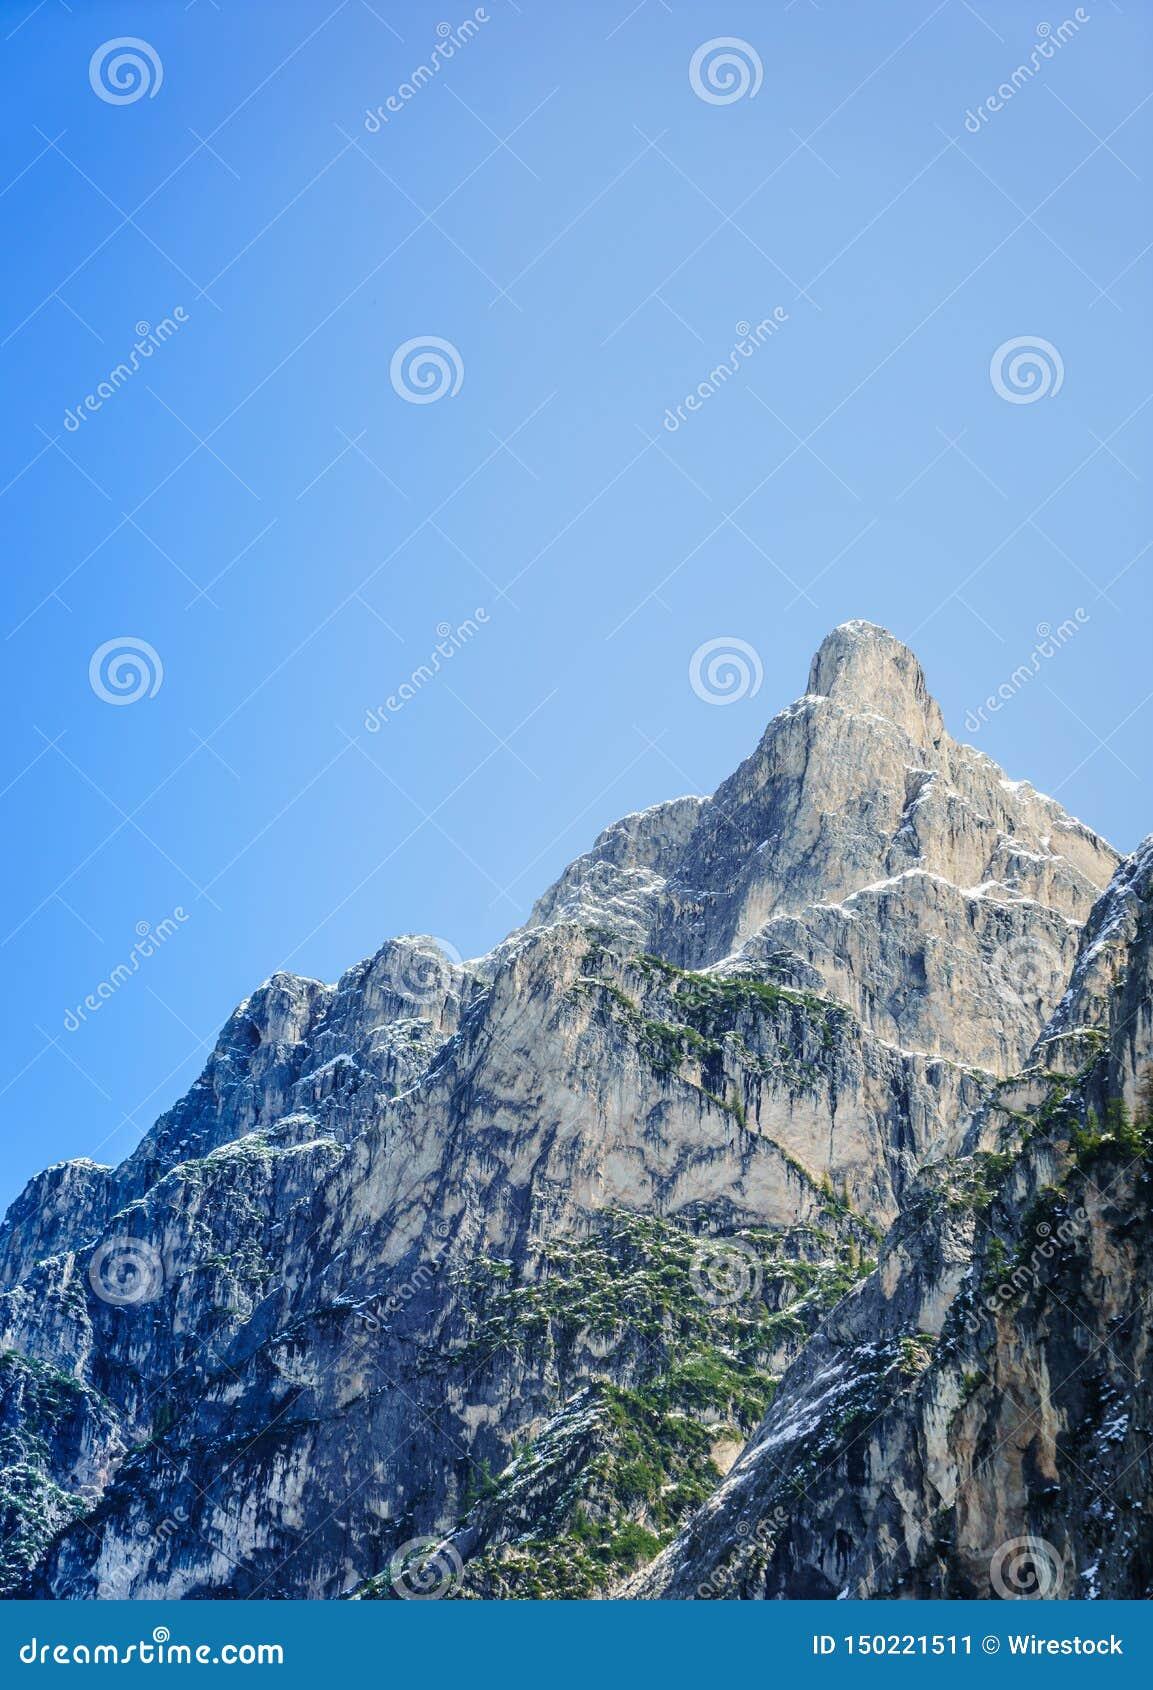 Härligt skott av ett stort stenigt berg med klar blå himmel